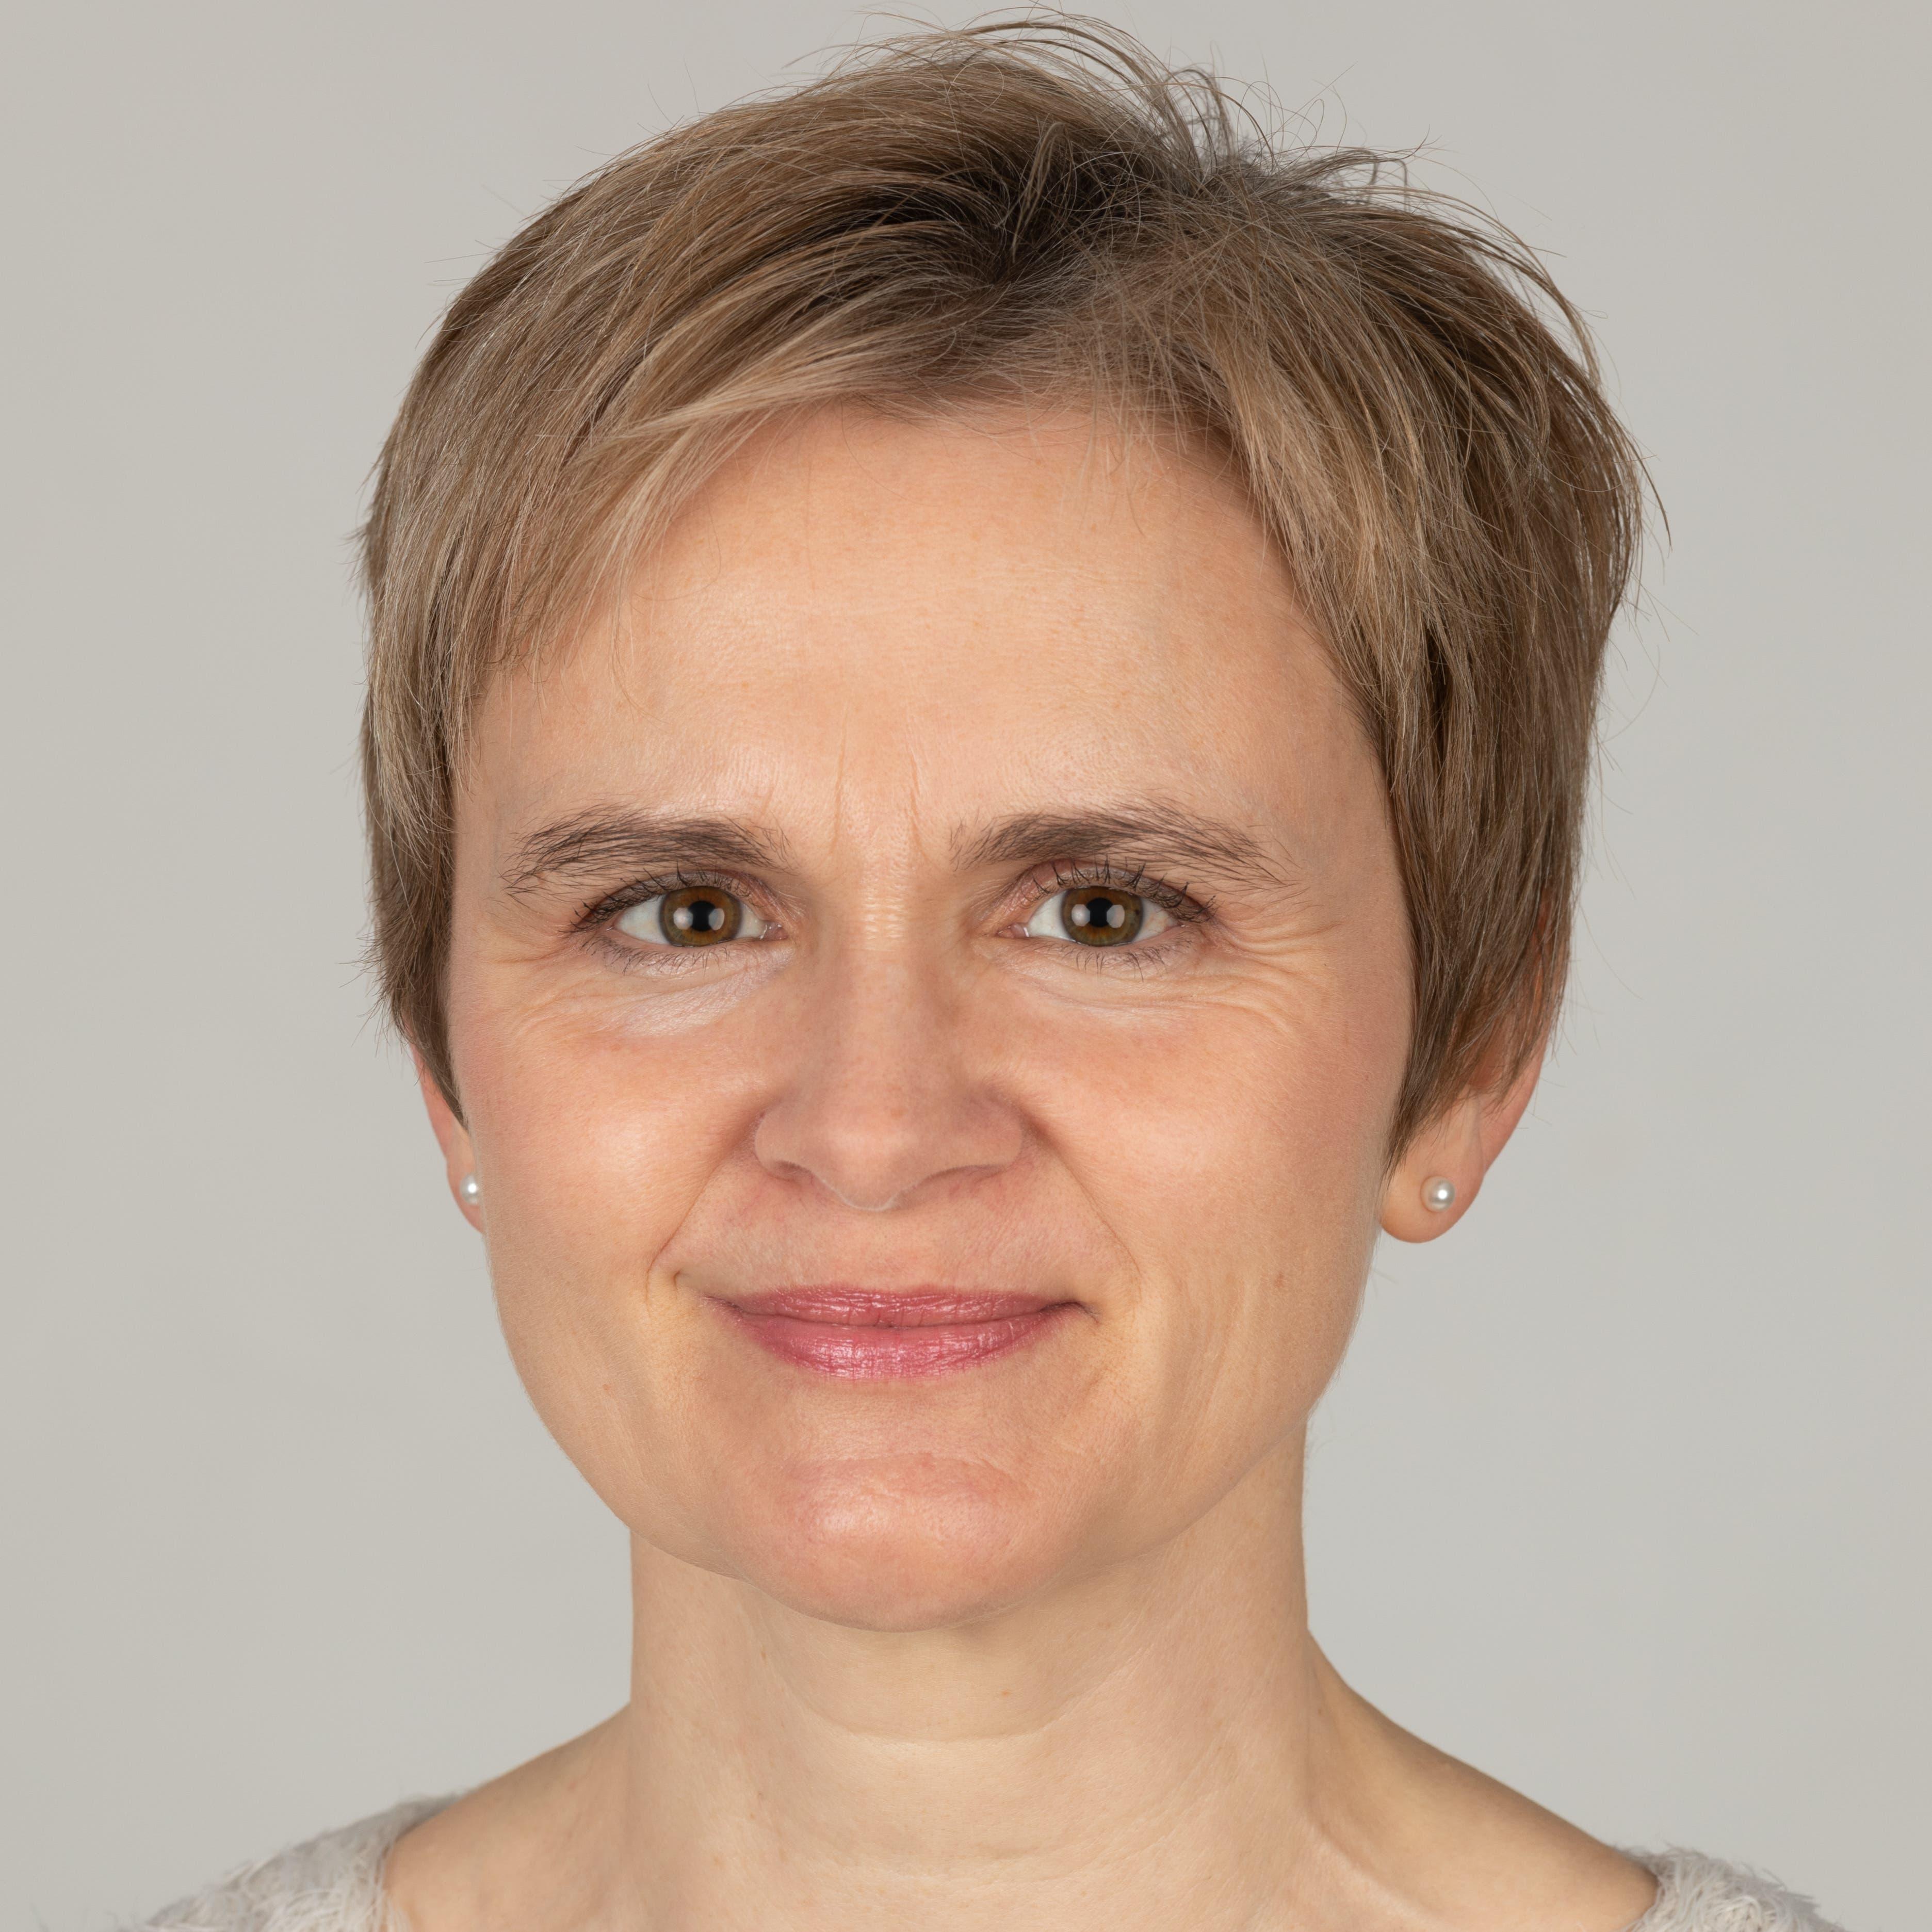 Gewählt: Monika Camenzind-Besmer, parteilos